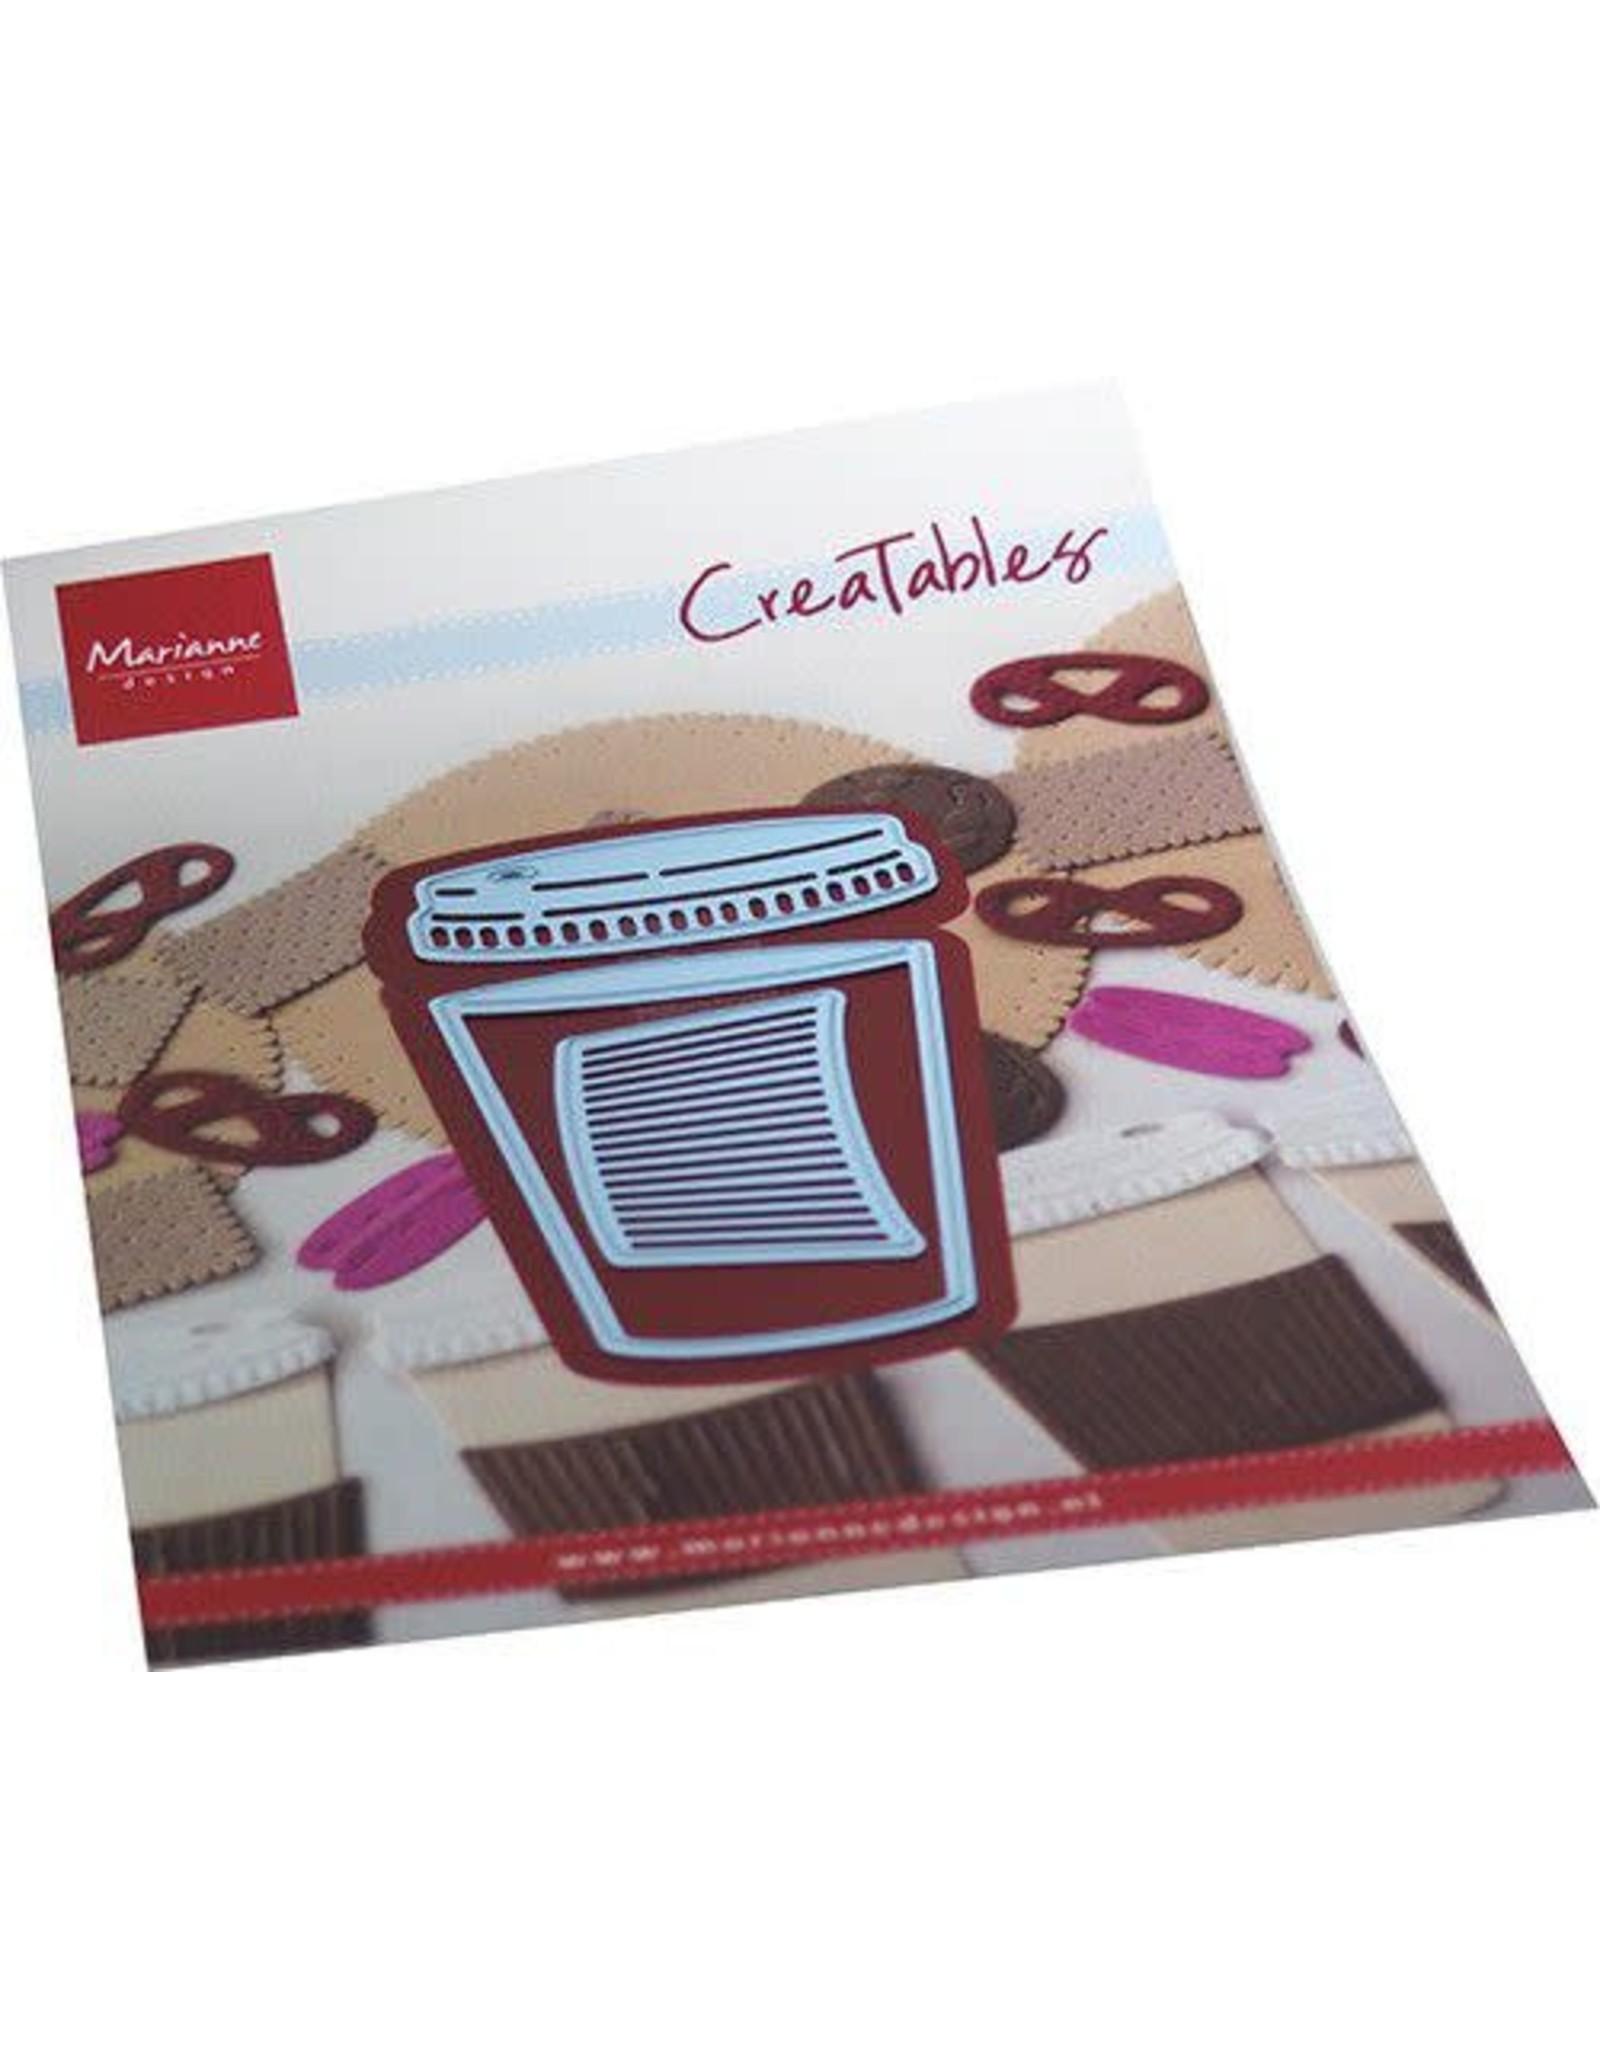 Marianne Design Marianne D Creatable Koffie voor onderweg LR0714 43x57mm